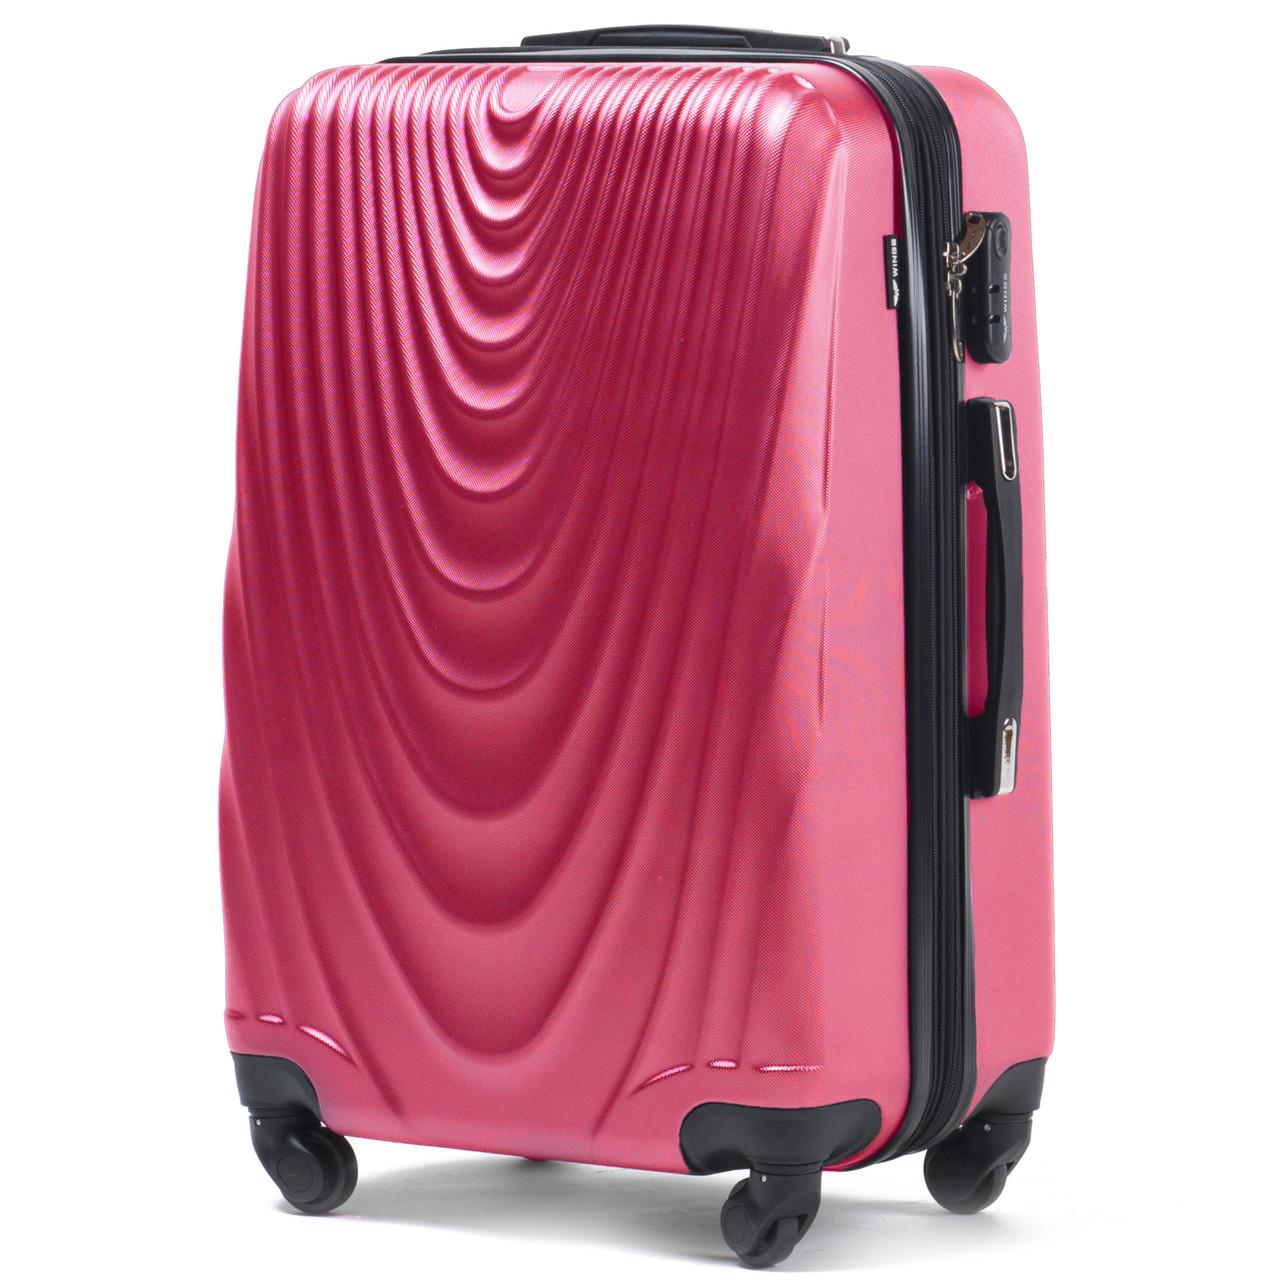 Малый пластиковый чемодан Wings 304 на 4 колесах розовый